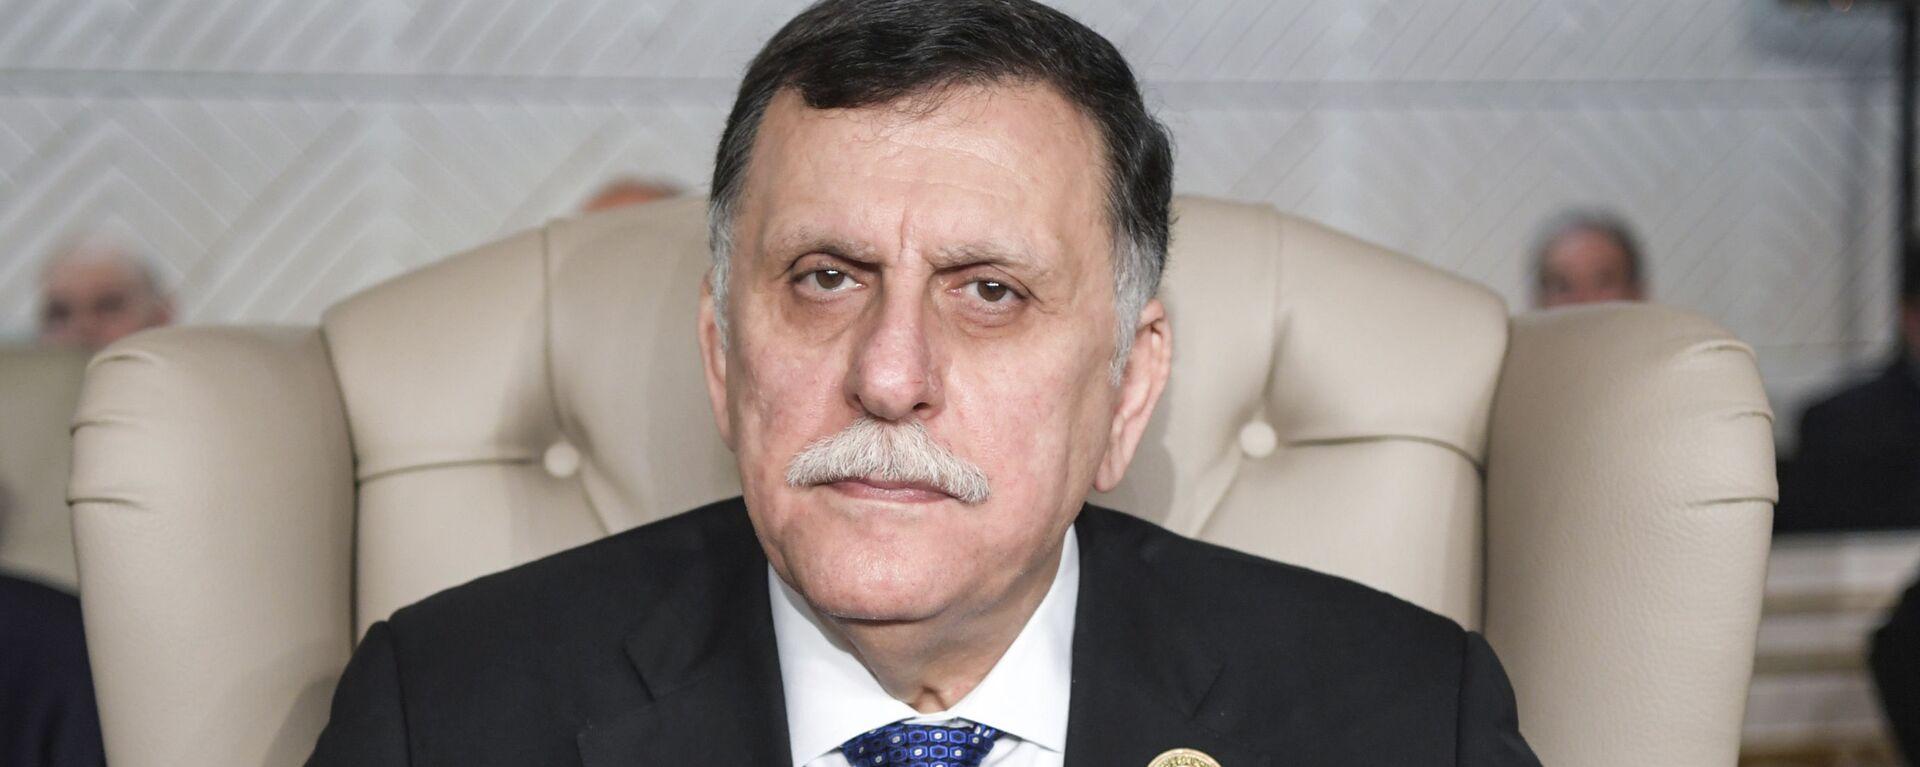 Il primo ministro del Governo di Accordo nazionale libico Fayez al-Sarraj - Sputnik Italia, 1920, 06.04.2020